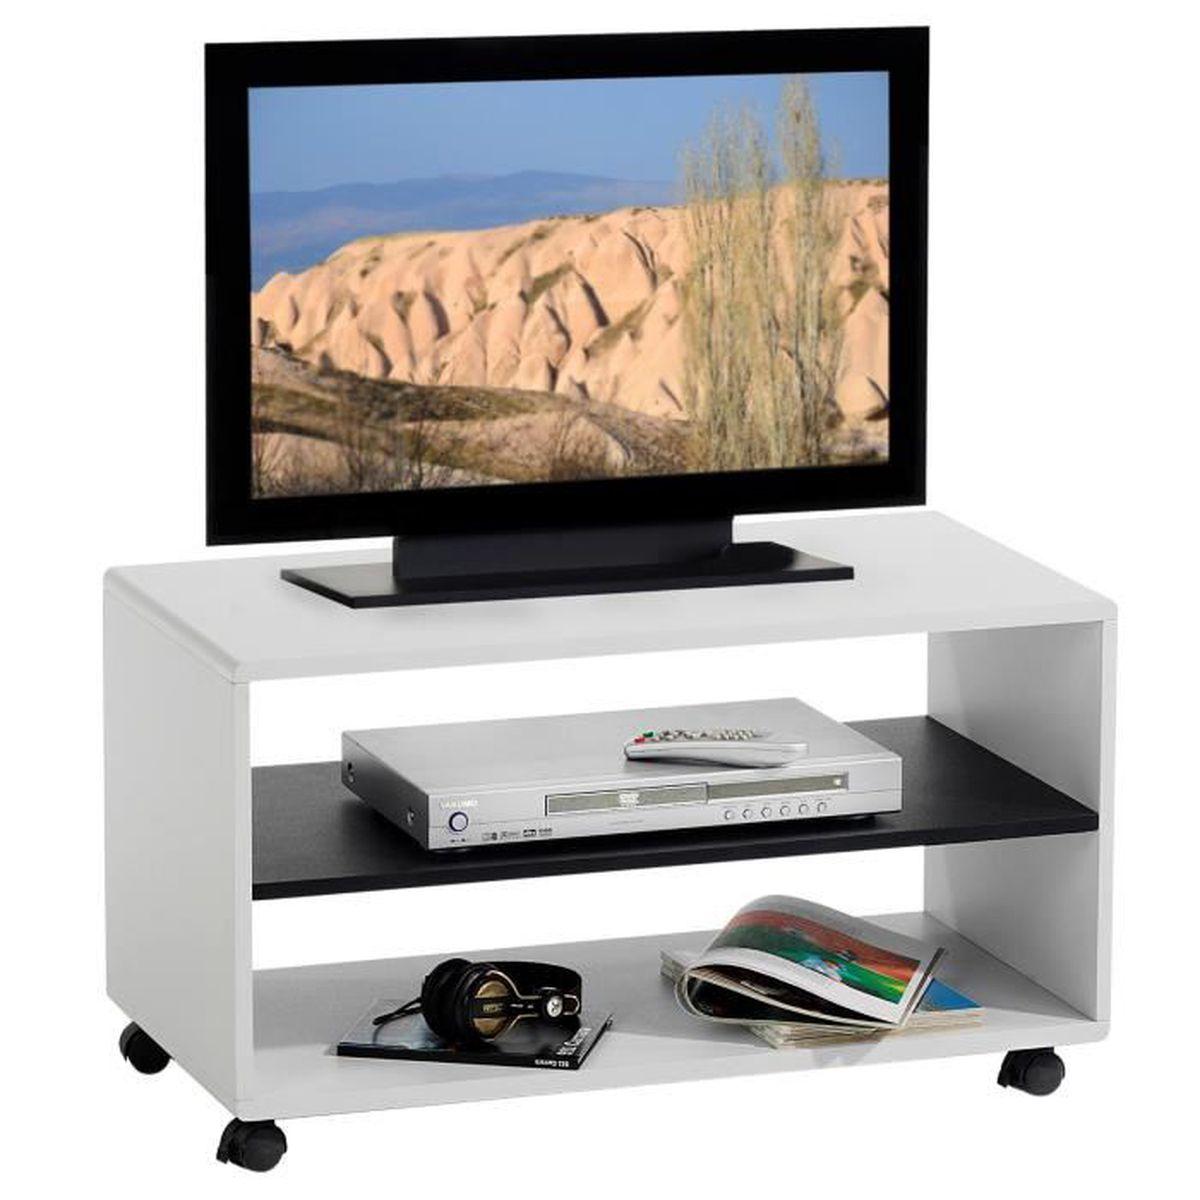 Meuble Tv Avec Barre De Son meuble tv à roulettes